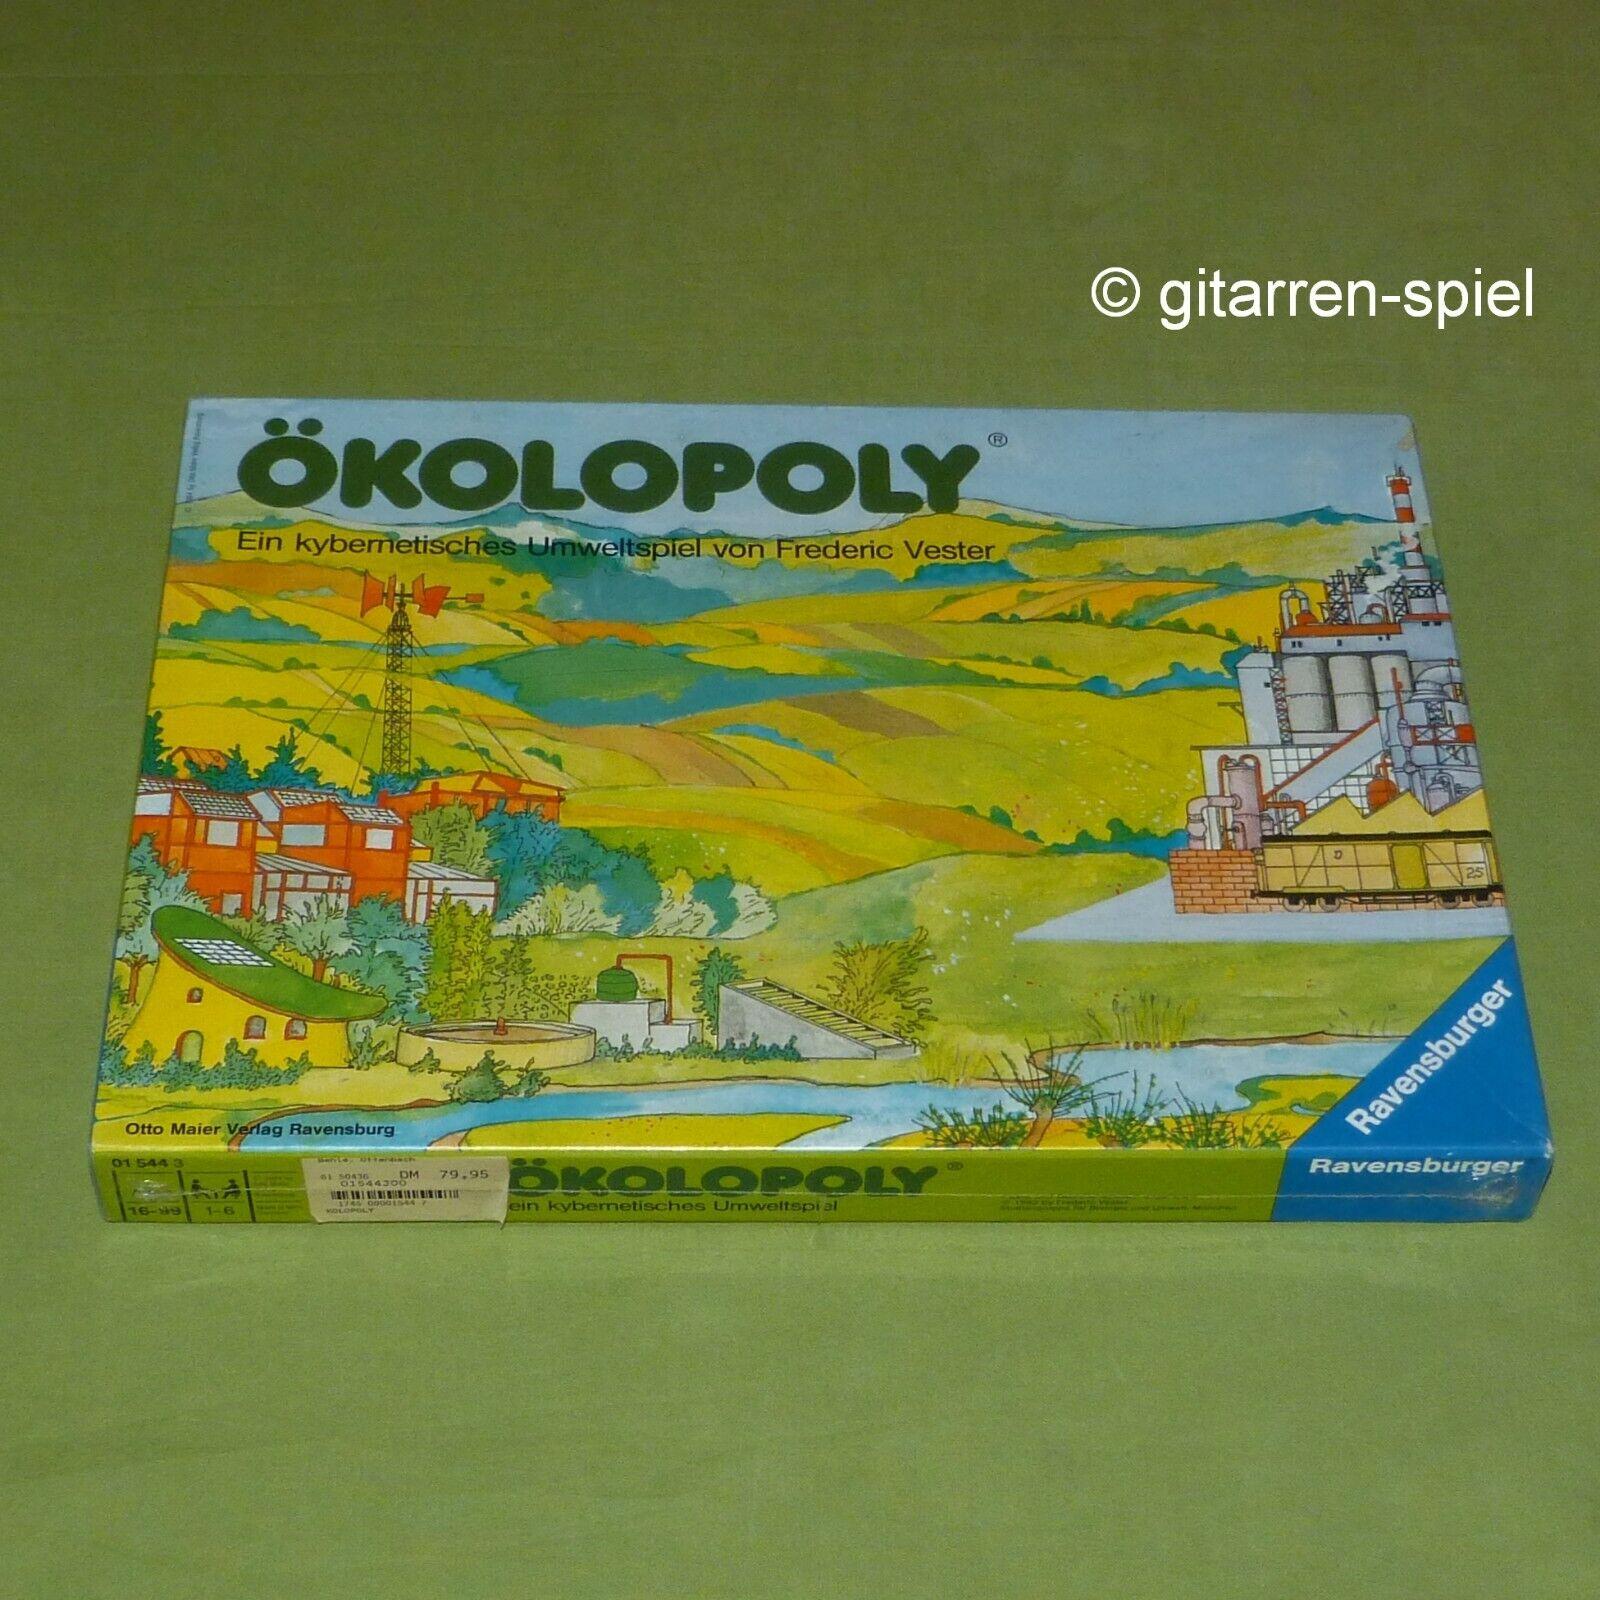 Nouveau dans film  ökolopoly ® un kybernetisches environnement jeu-Frougeeric vester © 1984